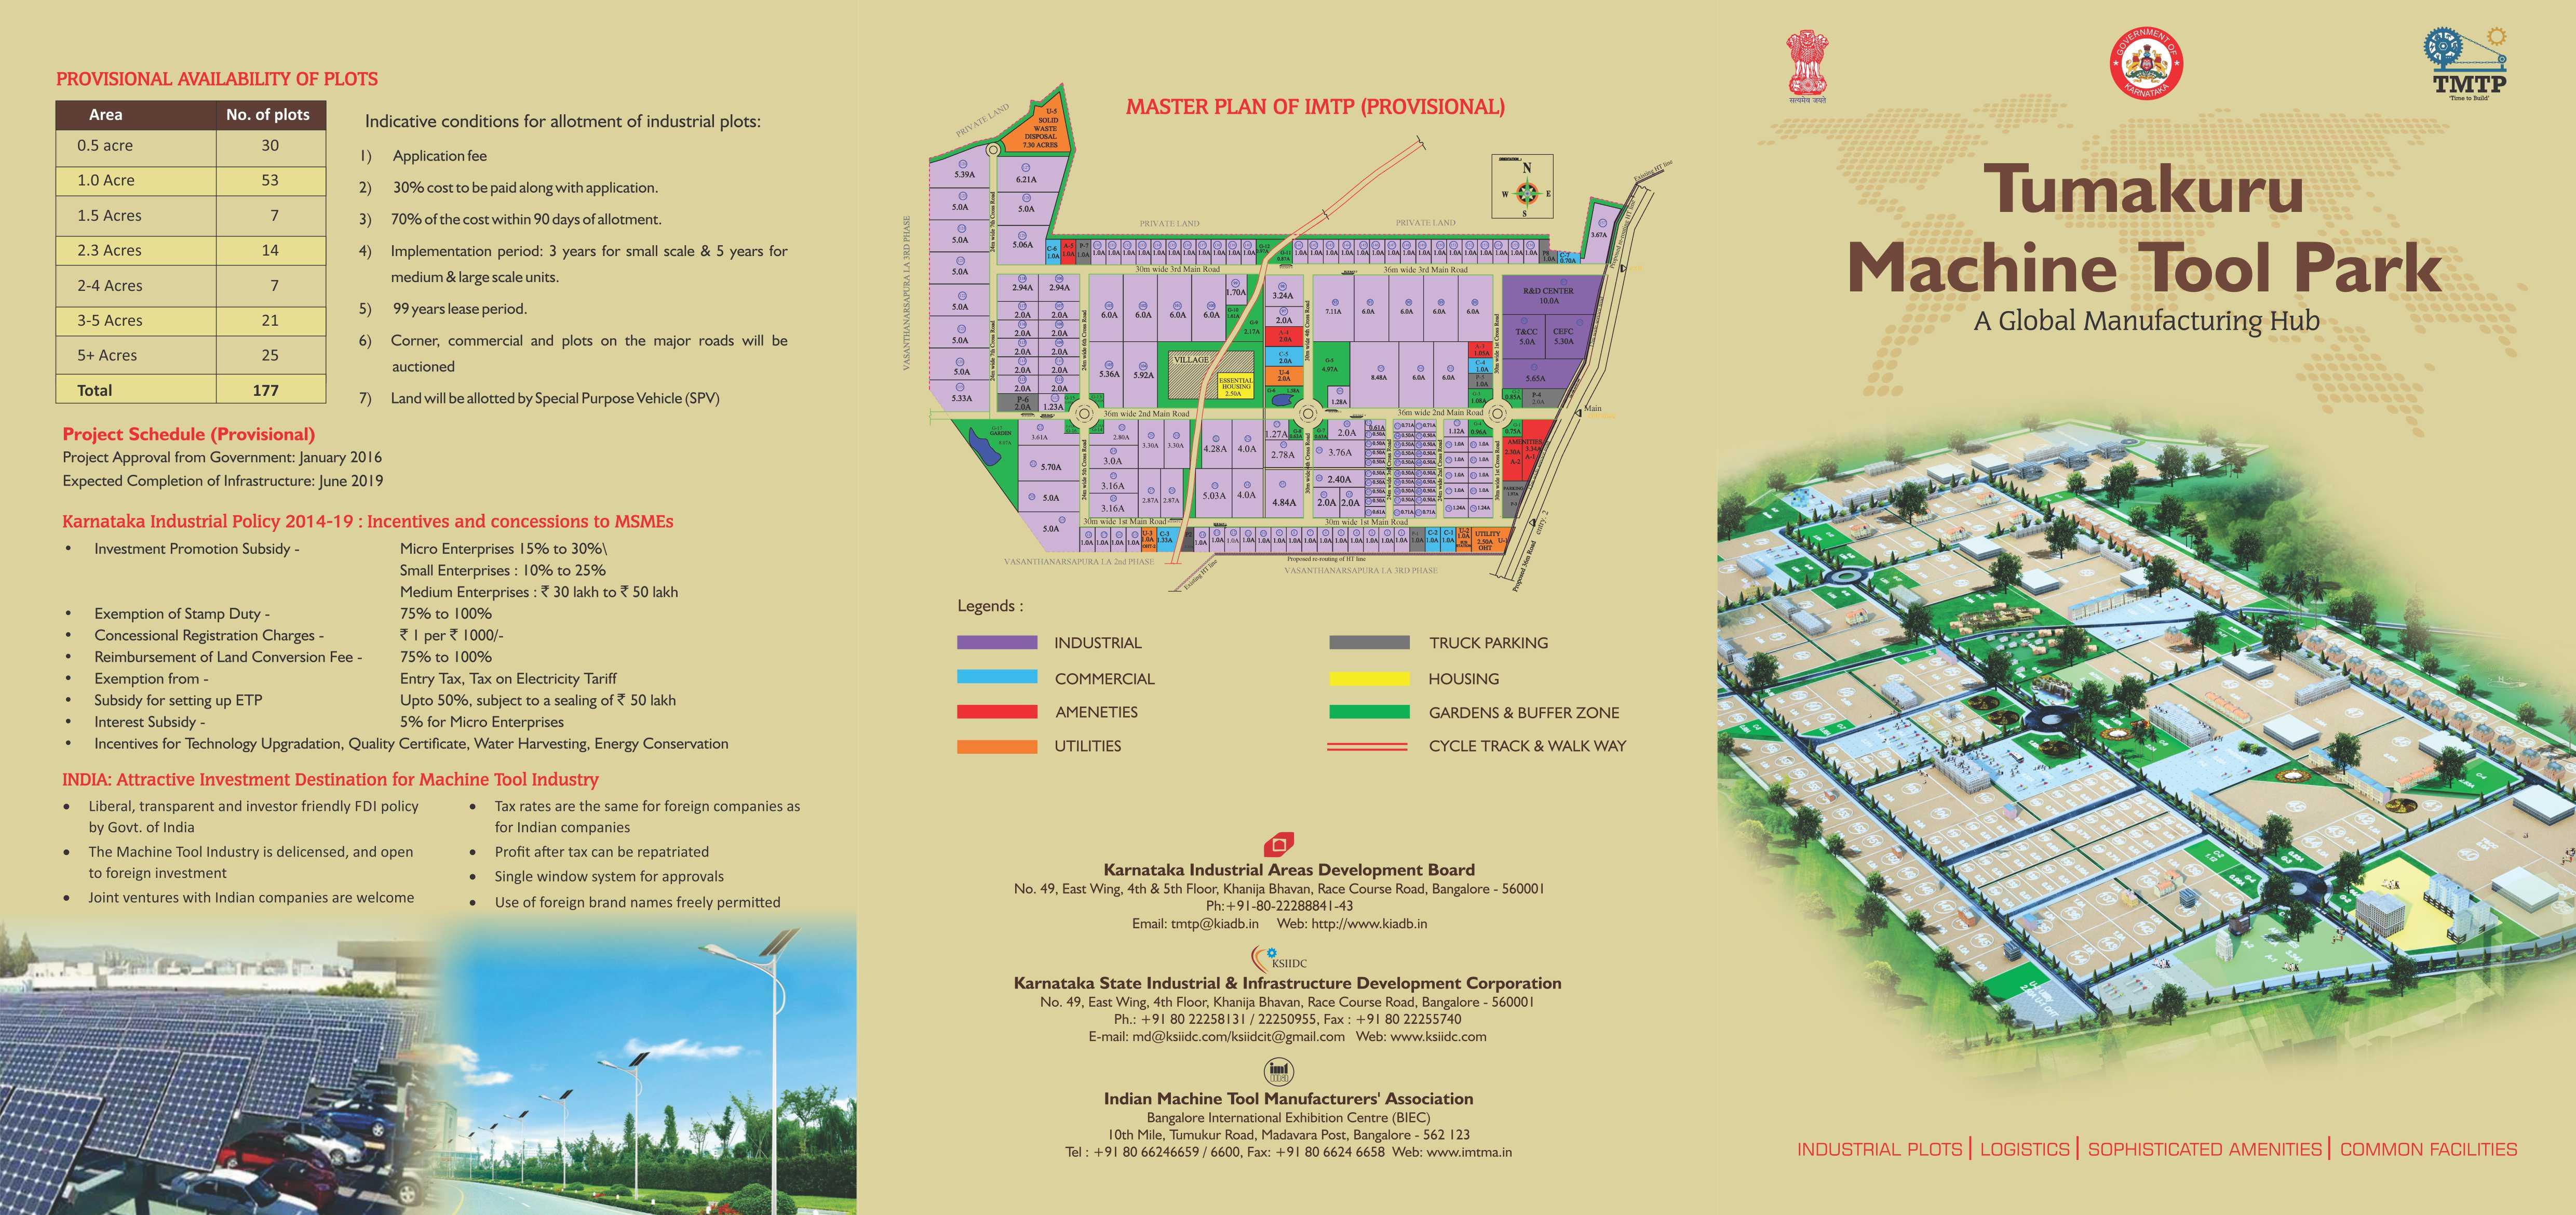 Integrated Machine Tool Park (IMTP), in Tumakuru, Karnataka